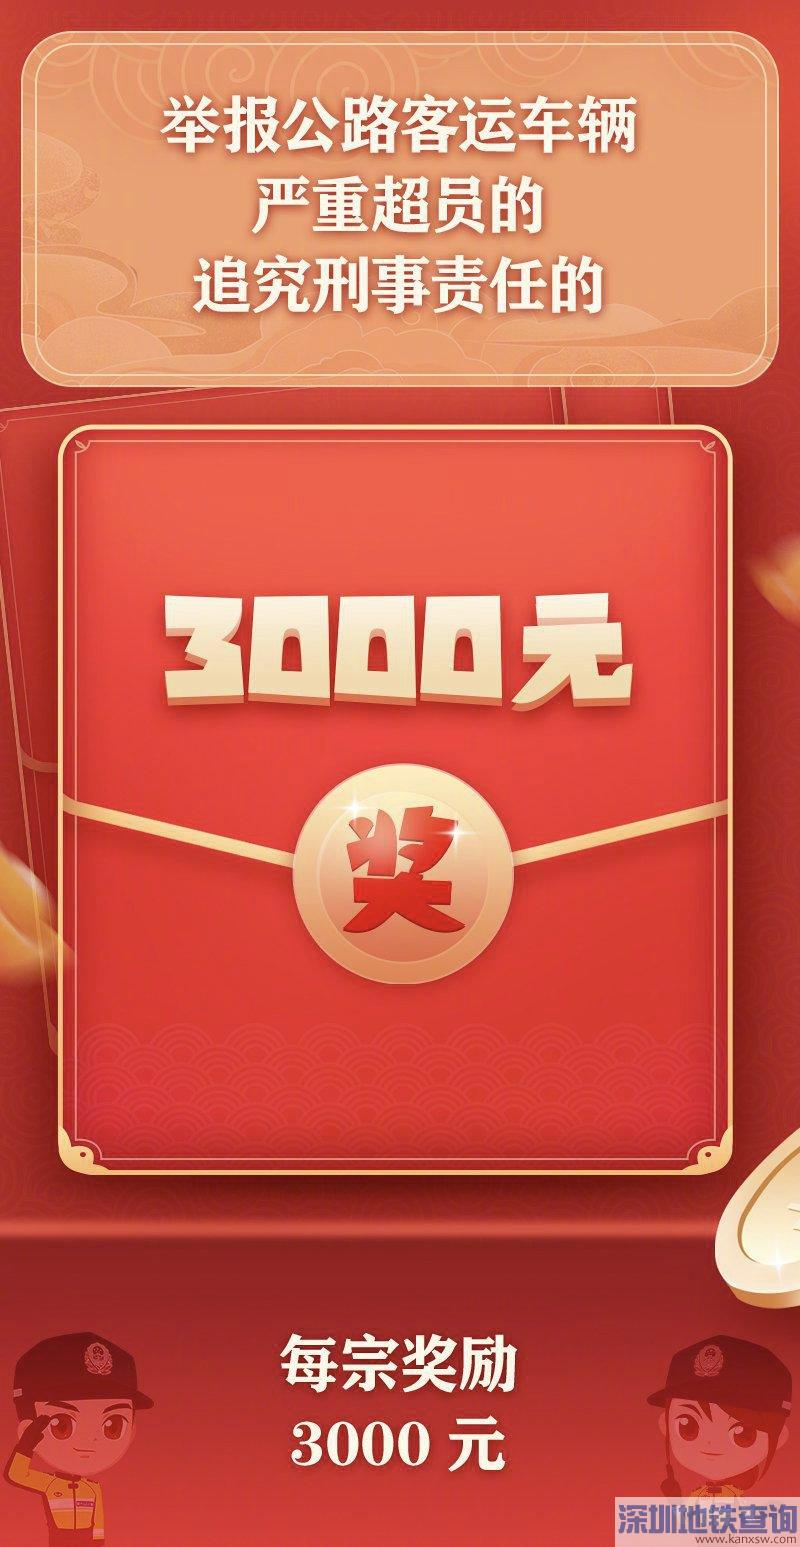 深圳2021春运超载举报有奖时间+奖励标准+举报方法